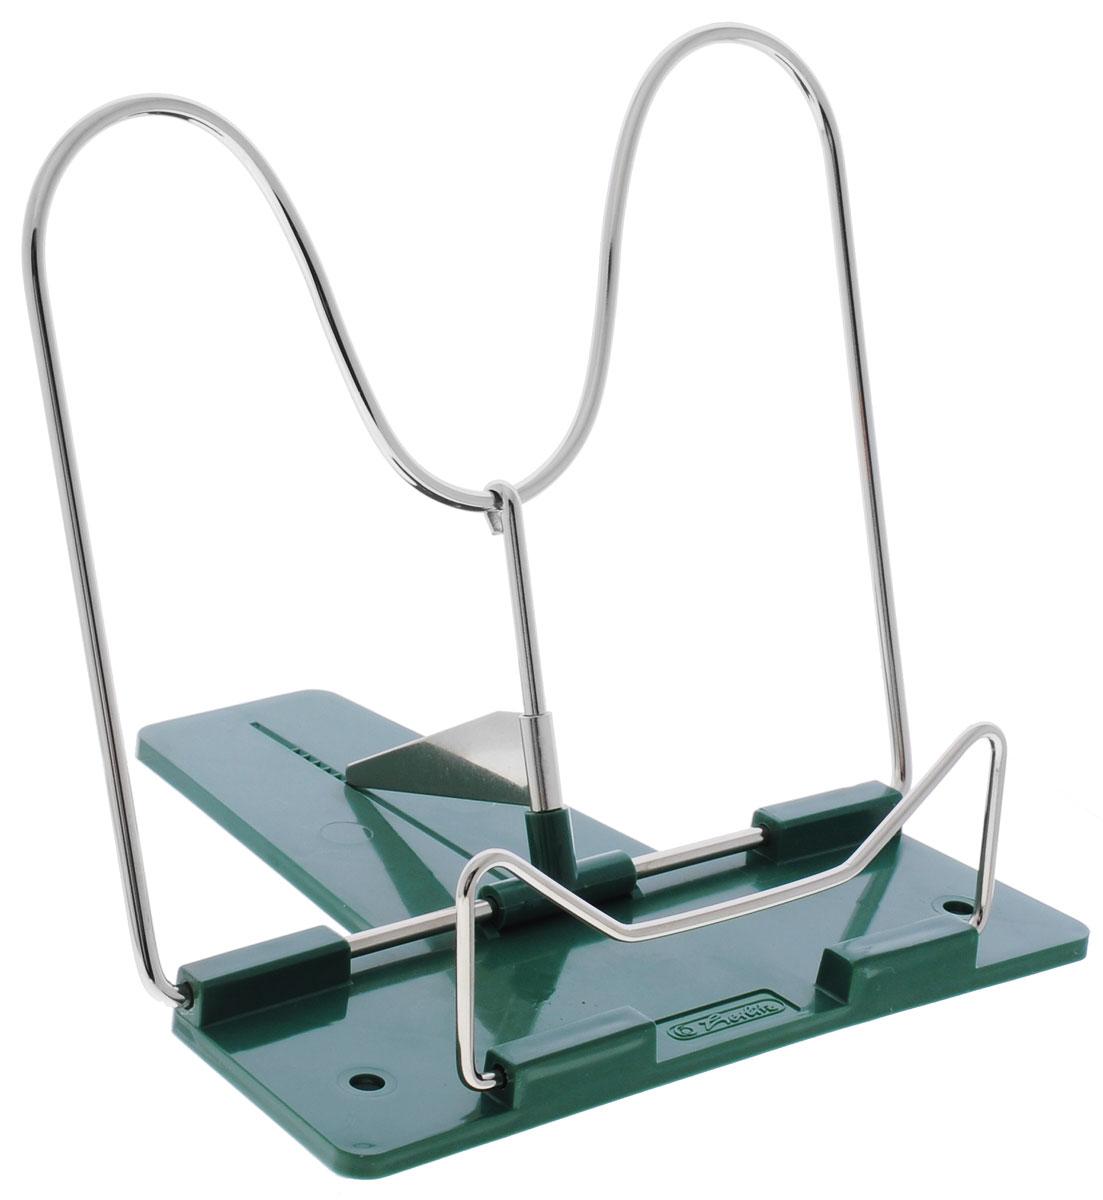 Herlitz Подставка для книг цвет зеленый0703415Подставка Herlitz - это классическая подставка для книг. Она станет незаменимым аксессуаром на столе у школьника или студента. Подставка оснащена упором, благодаря чему она имеет несколько углов наклона.